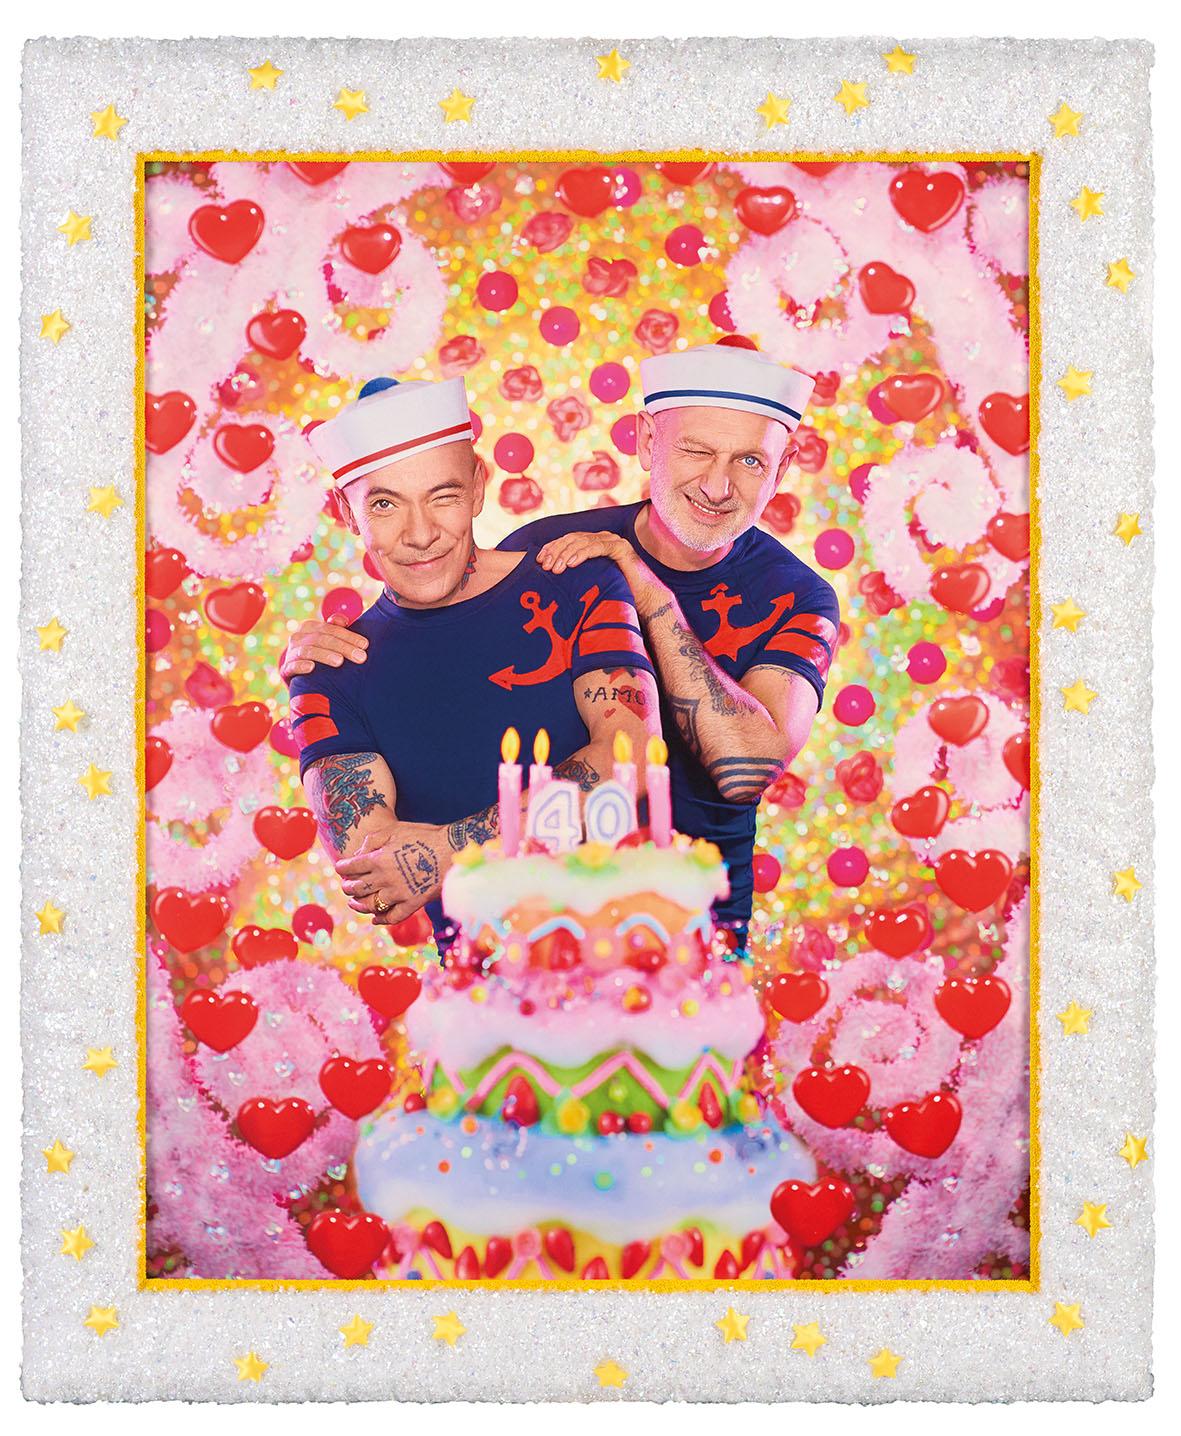 Pierre et Gilles, 40 Ans Avec Cadre, 2016. Courtesy the artists and Galerie Templon